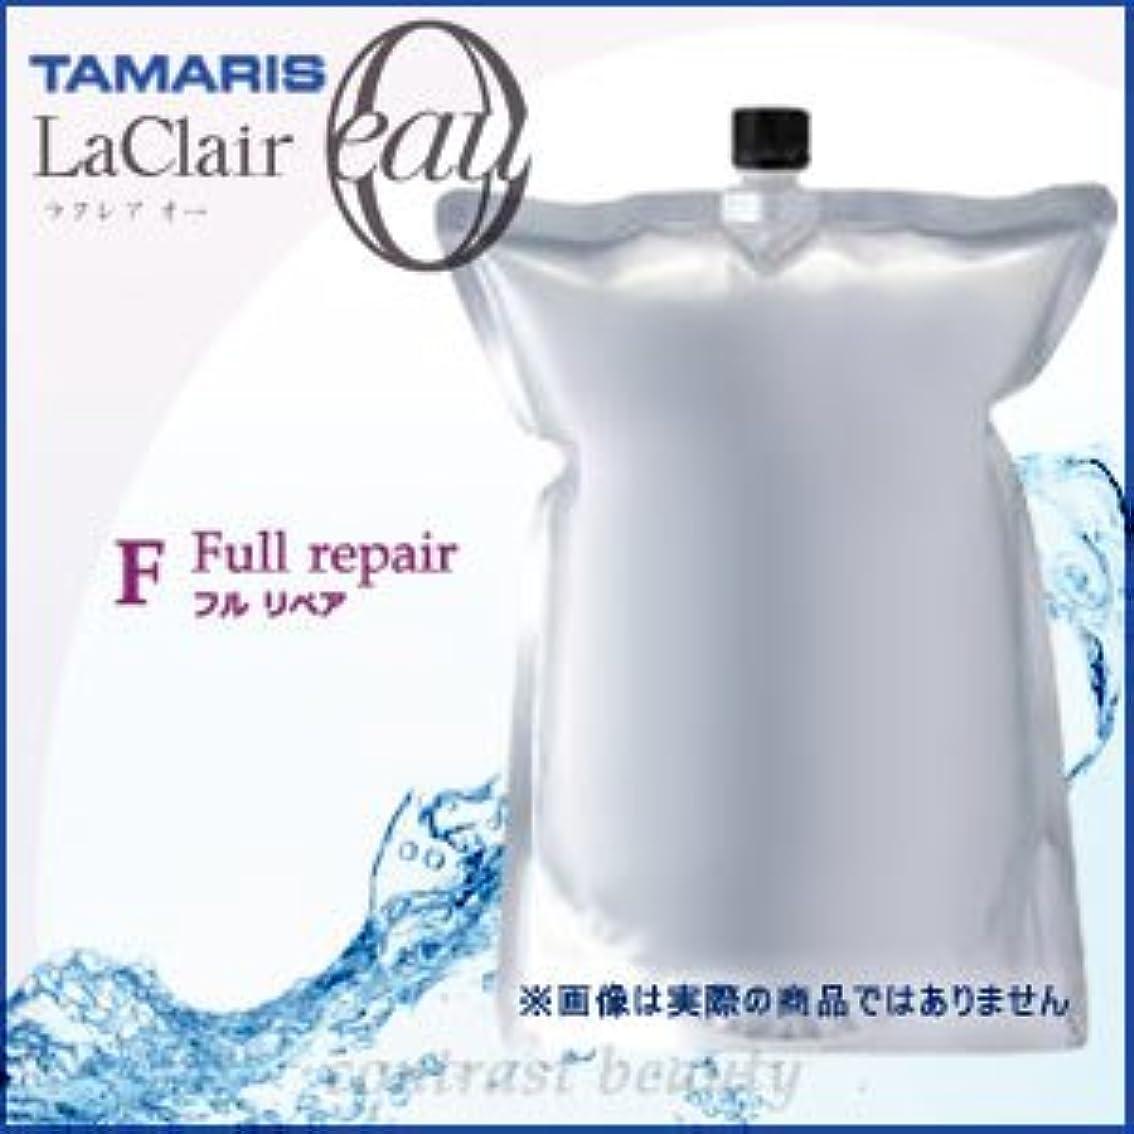 下るしっかり具体的に【X4個セット】 タマリス ラクレアオー フルリペア トリートメントF 2000g(業務用詰替レフィルタイプ) TAMARIS La Clair eau